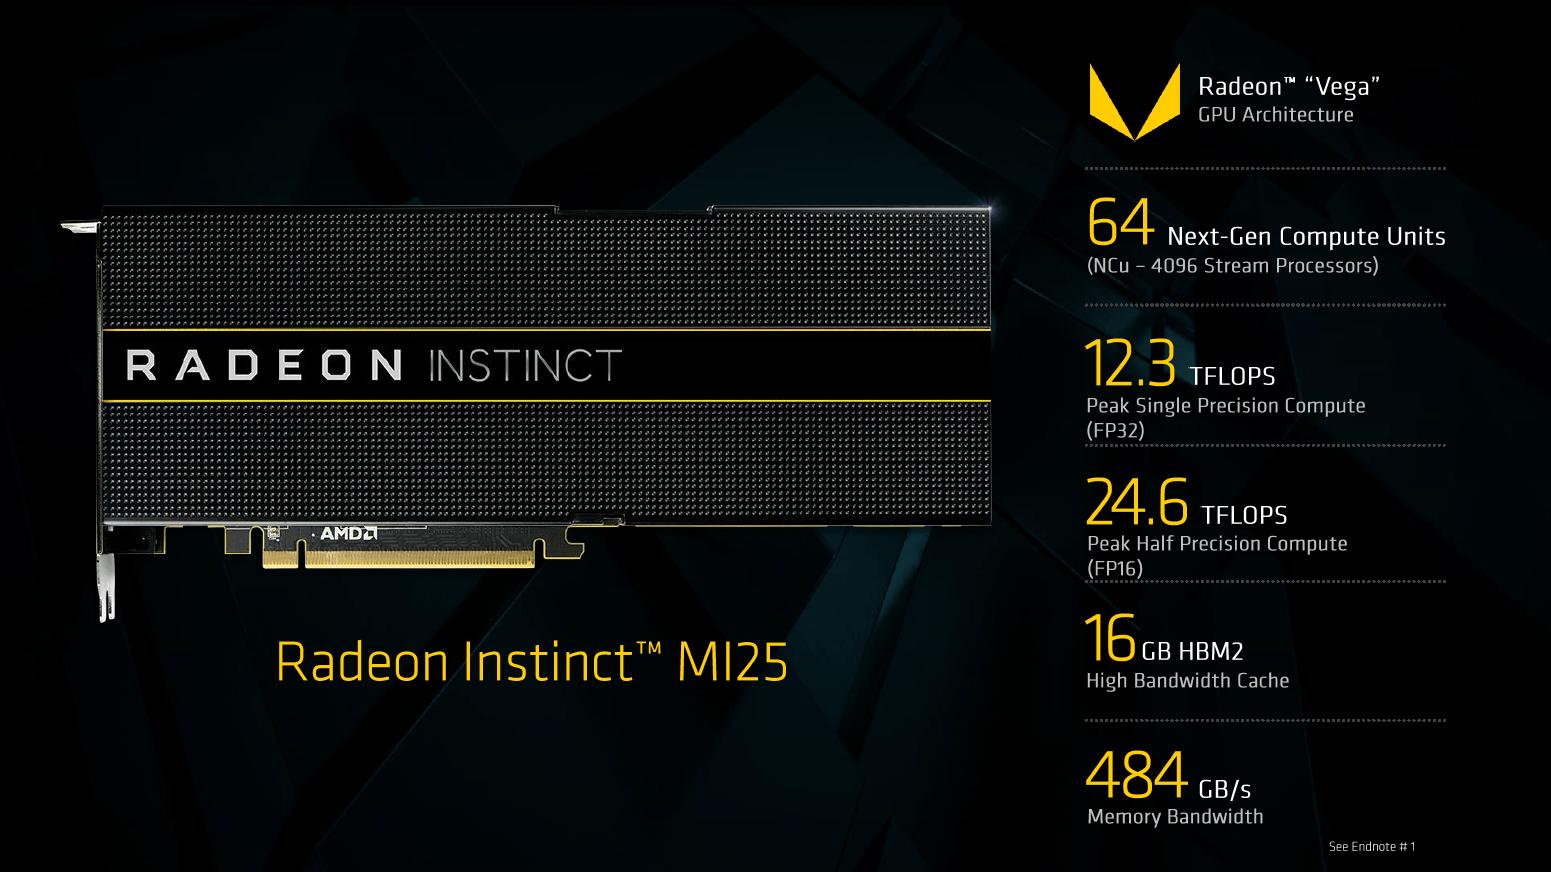 Die Radeon Instinct MI25